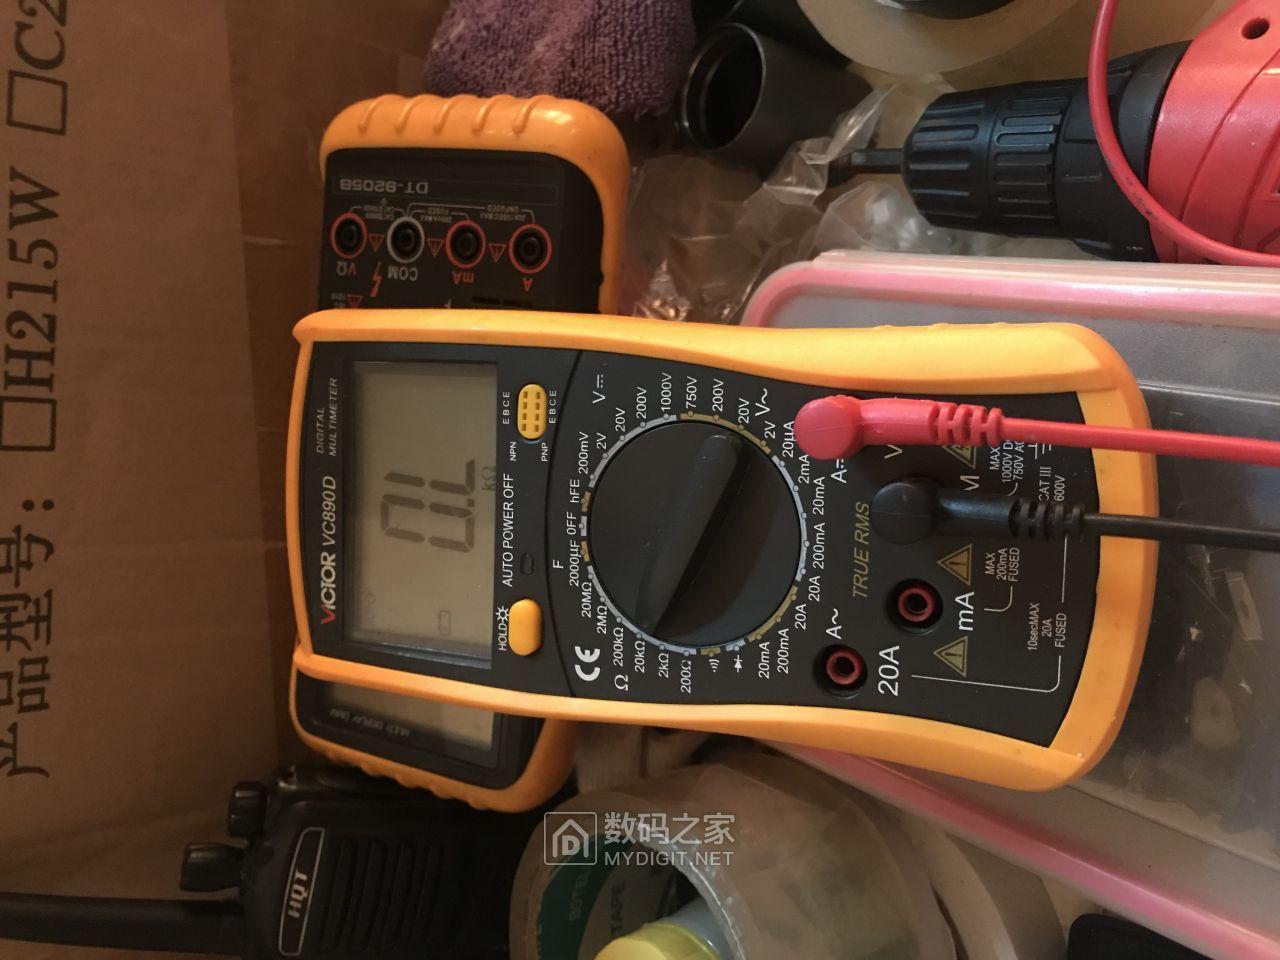 EB05F137-A656-453A-AB1D-26E566A3E86A.jpeg